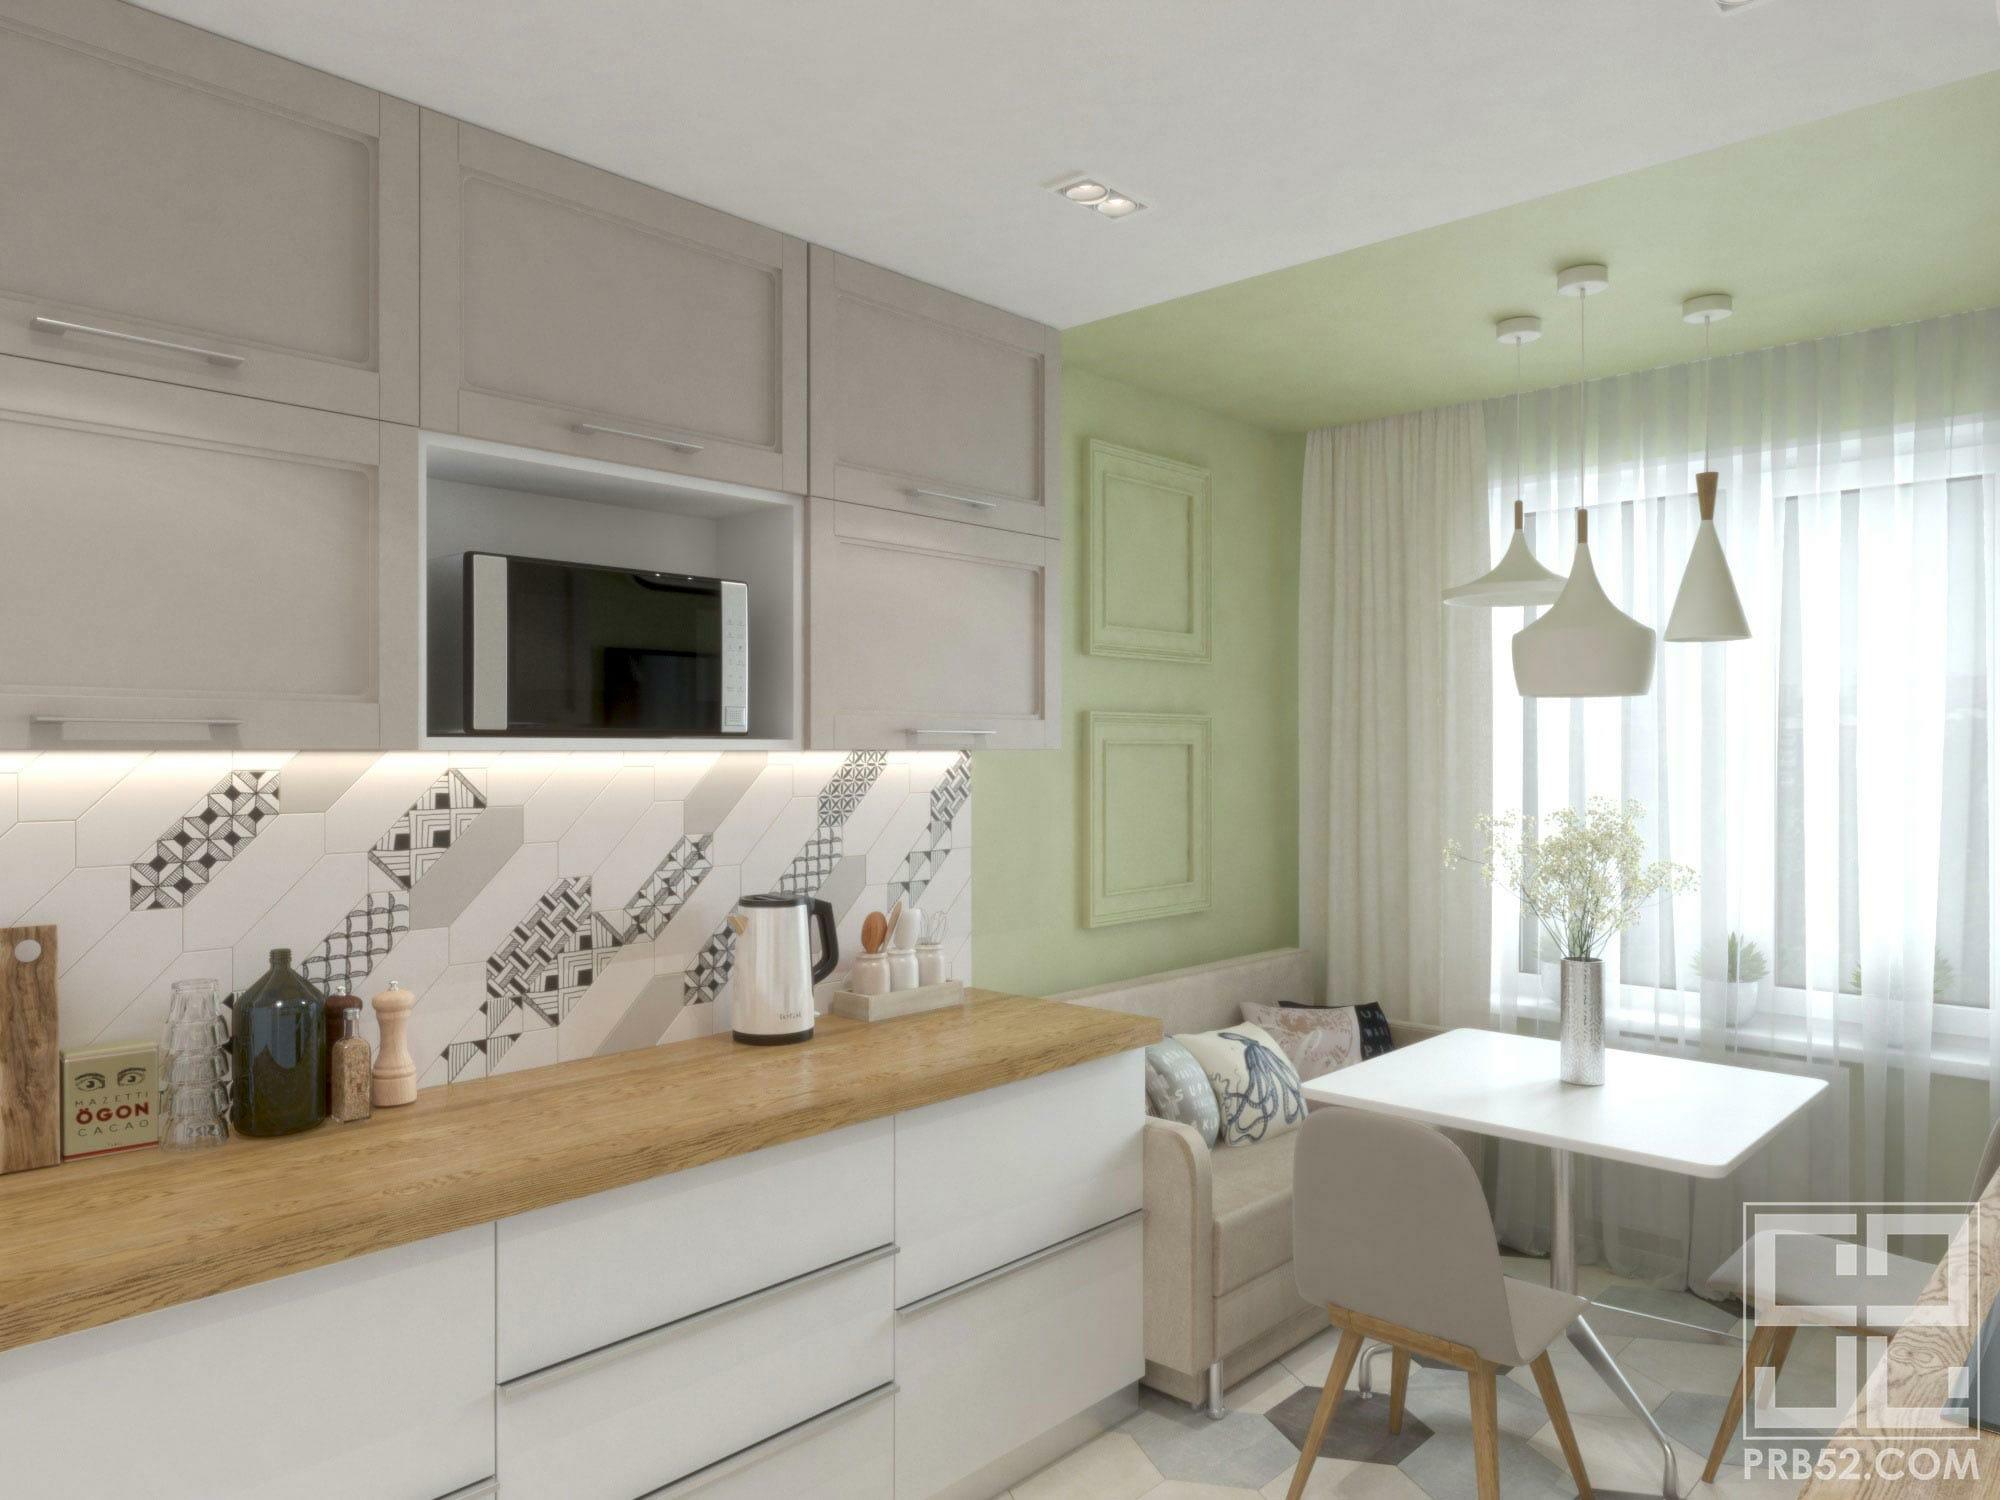 дизайн интерьера современной кухни столовой